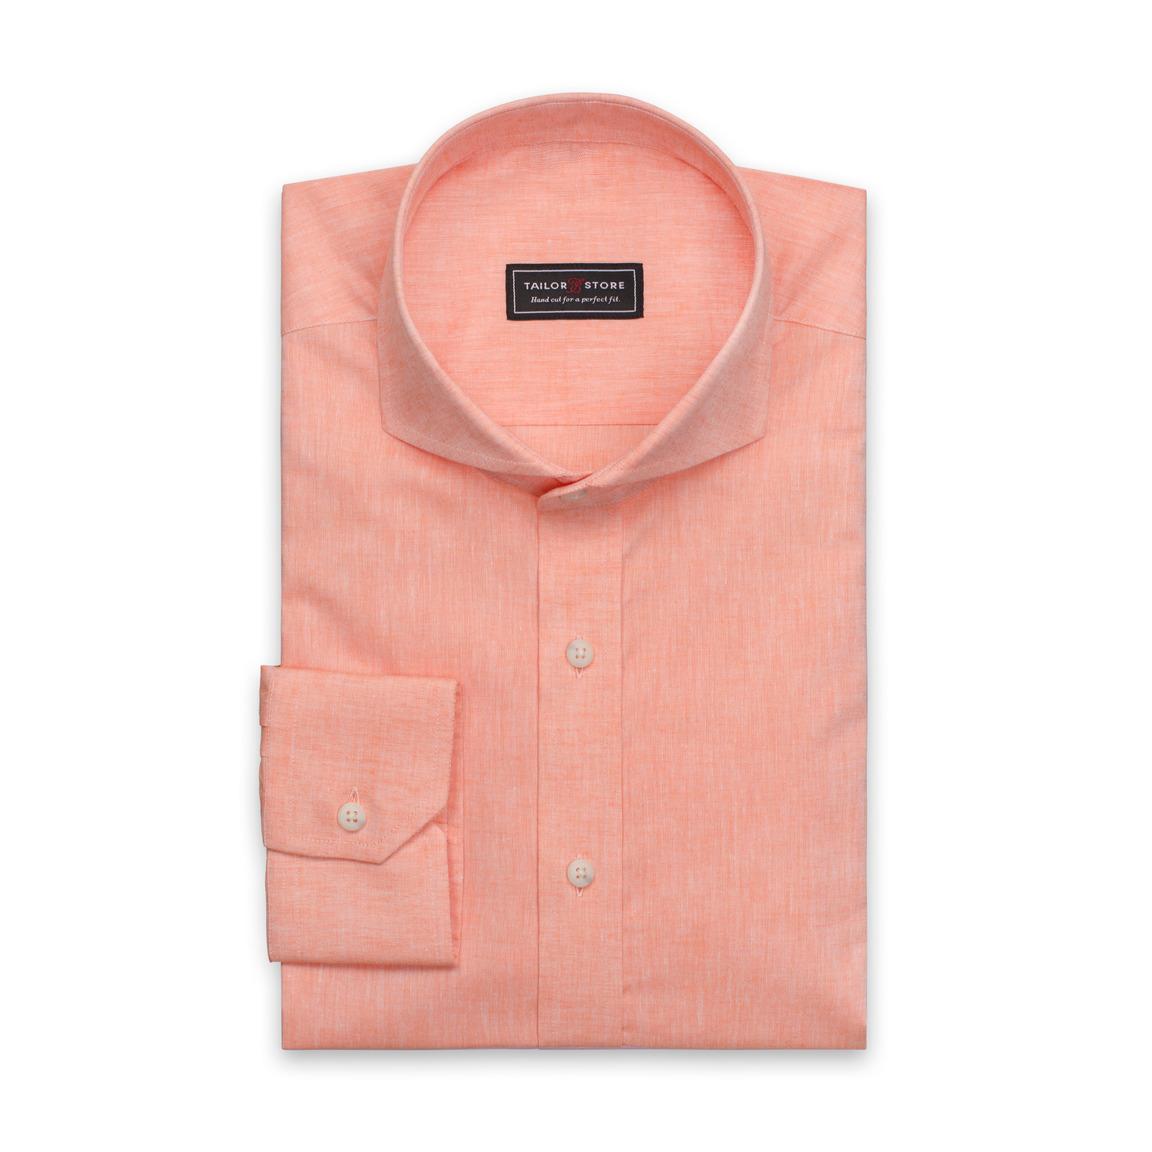 Pomarańczowa koszula z bawełny/lnu